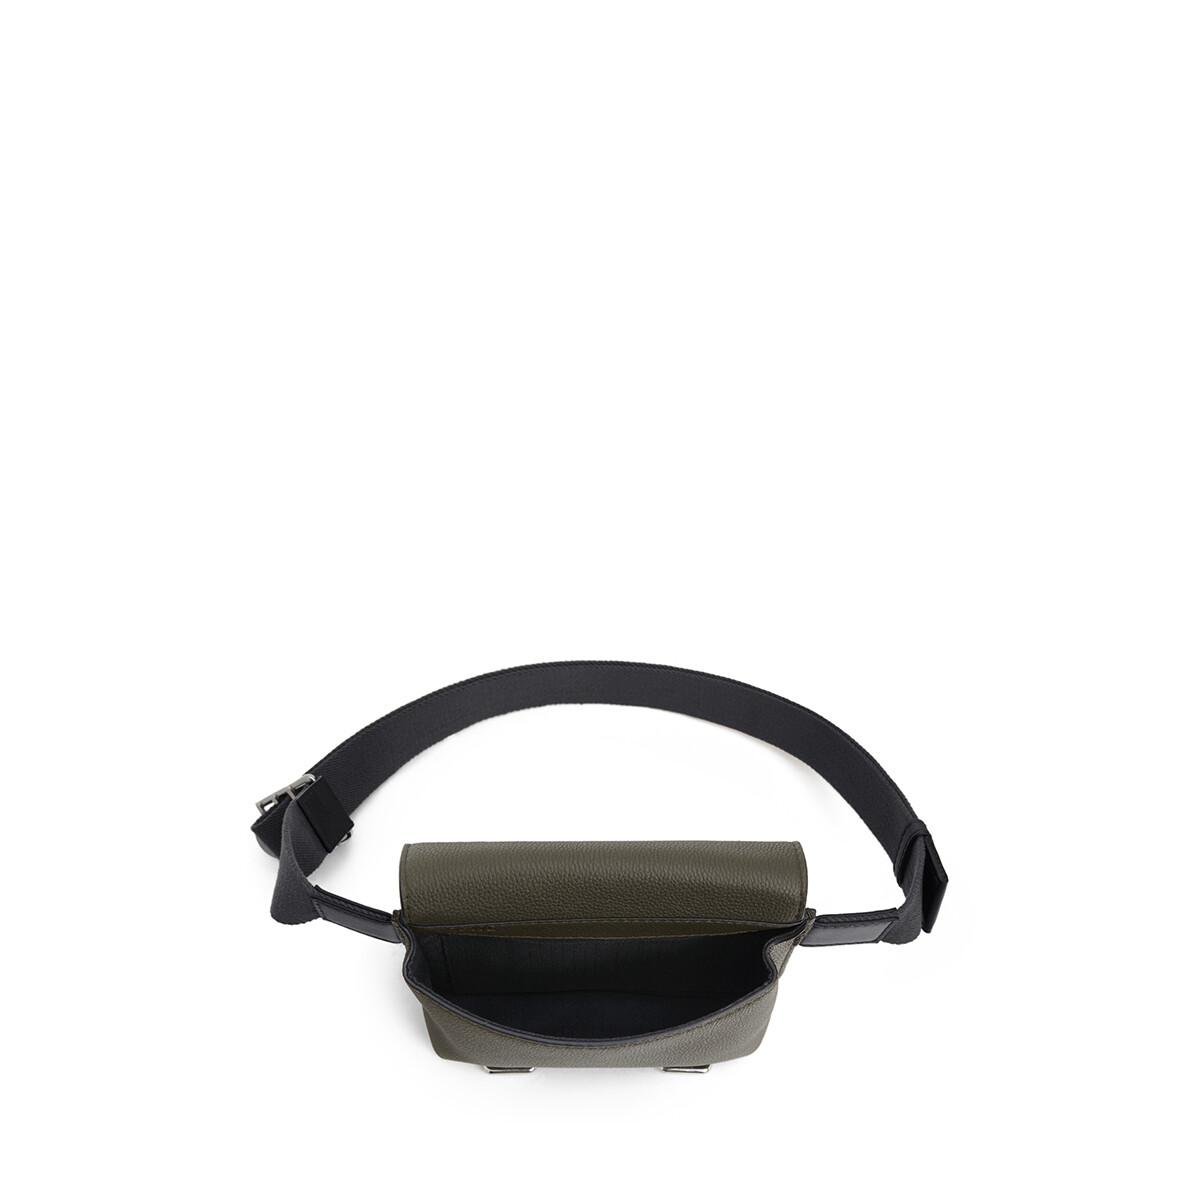 LOEWE Military Bumbag Khaki Green/Black front